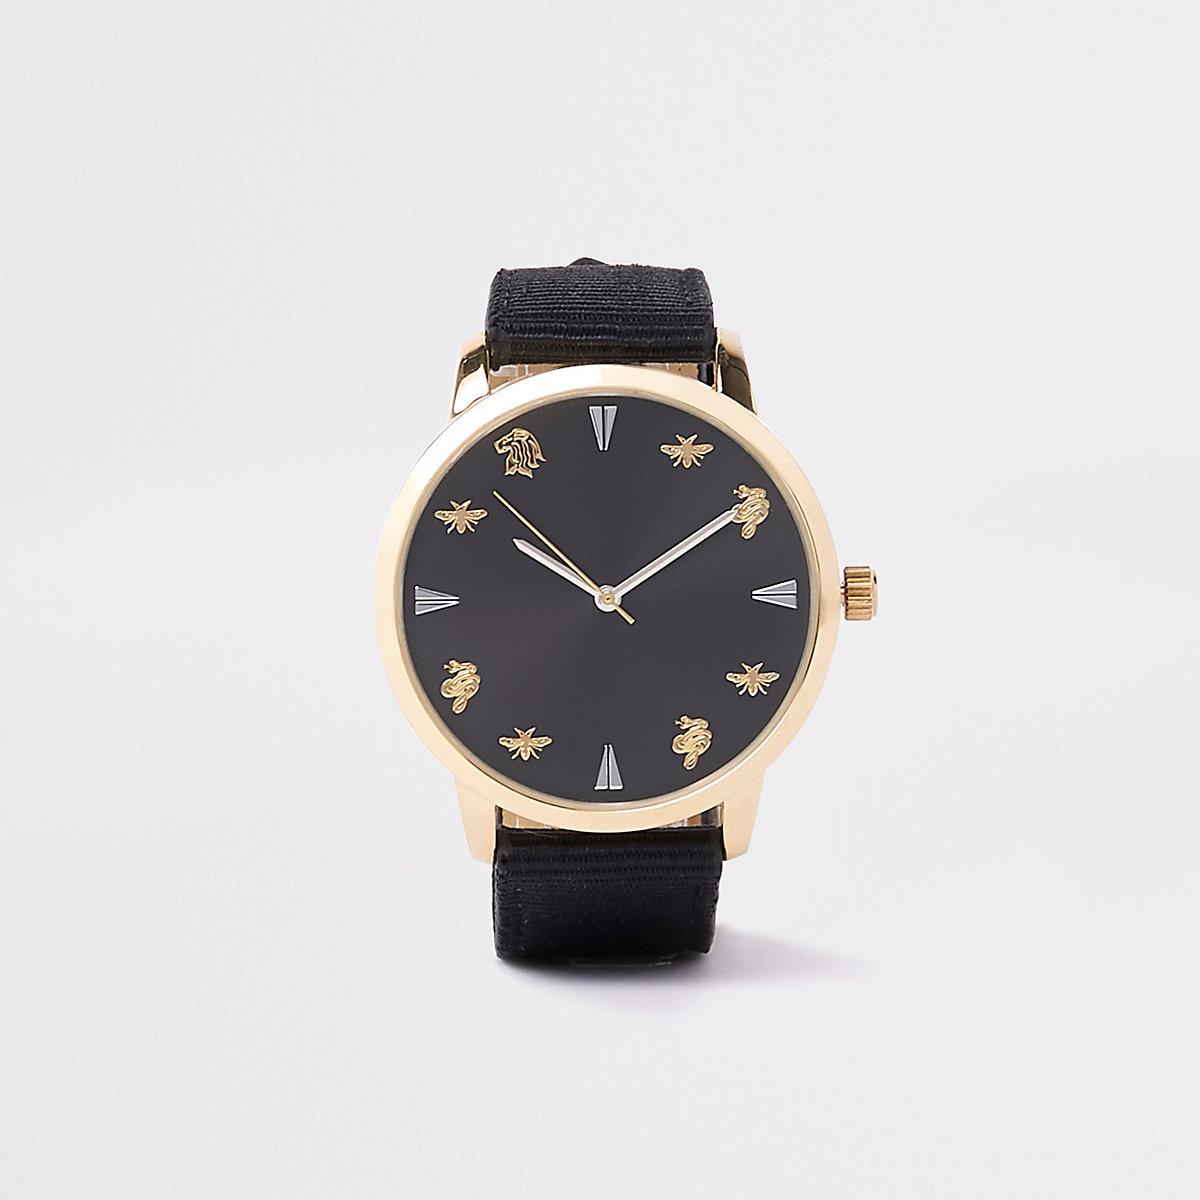 Montre dorée à bracelet en tissu noir